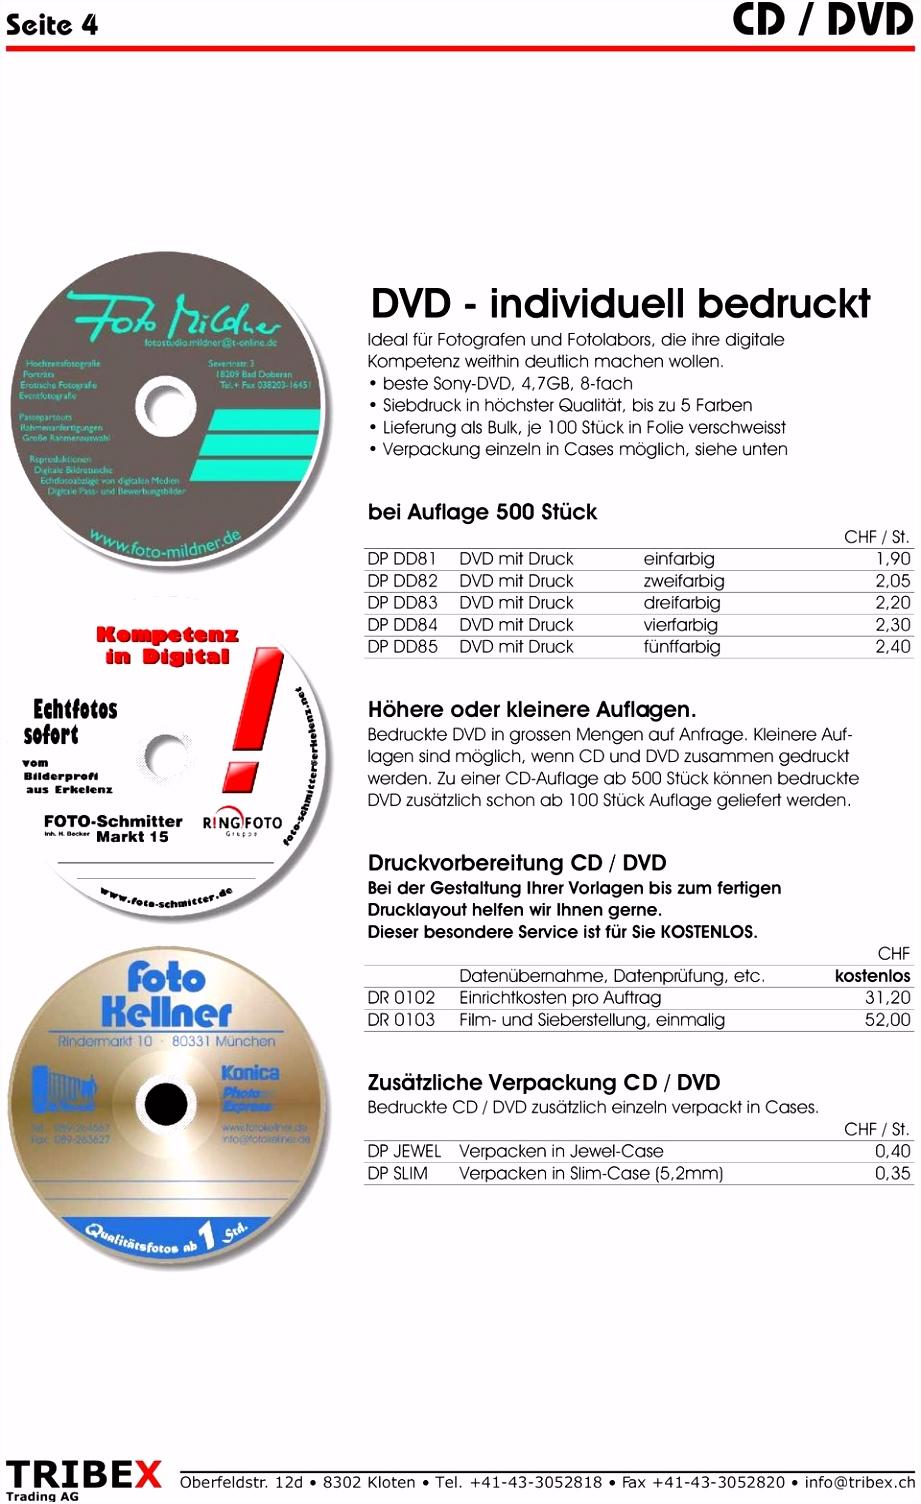 Cd Papierhulle Vorlage Alle Abbildungen ähnlich Die Farben Können Vom original Abweichen E1pe02aue6 T4ath2tbuh